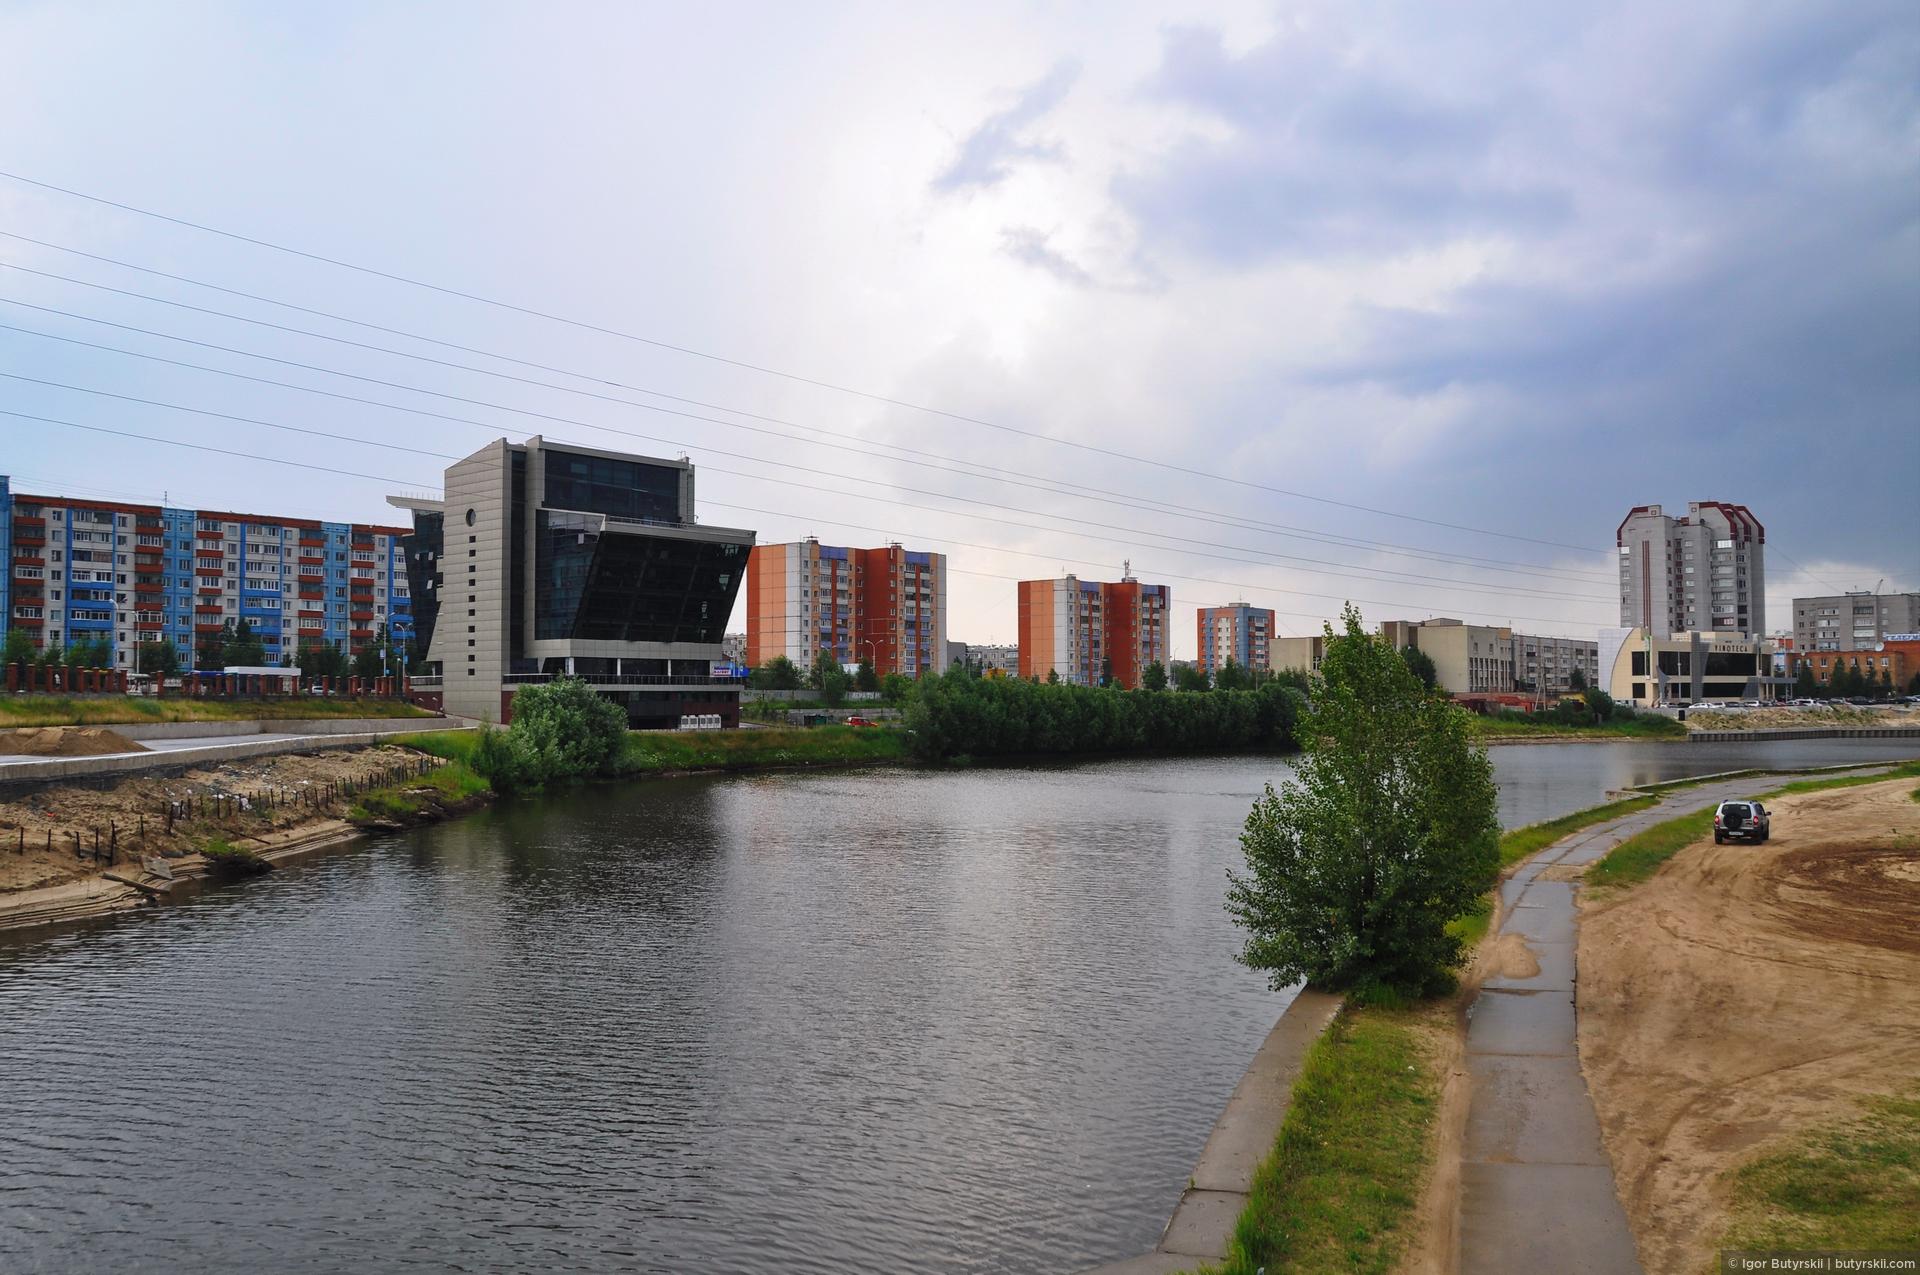 15. Набережная одного из каналов на реке Сайма, протекающей в городе. Выглядит не очень, хотя я заметил такую тенденцию на северах: чем меньше город – тем он красивее. Учитывая, что Сургут самый крупный город в регионе, то все сходится., Сургут